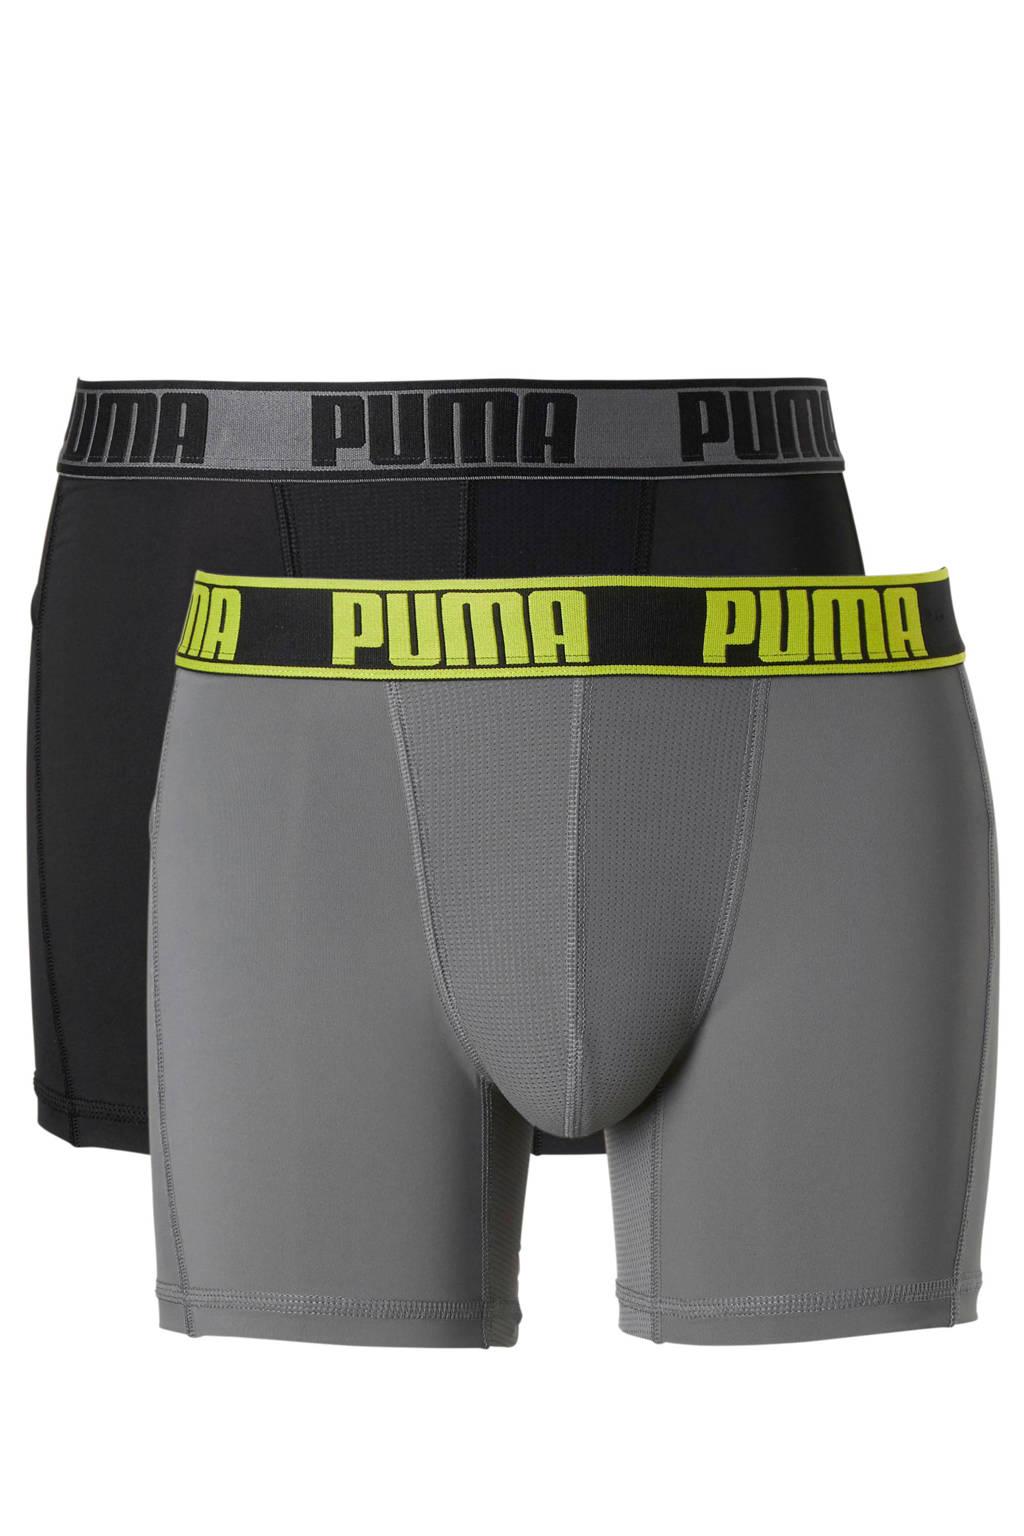 Puma Bodywear boxershort (set van 2), Zwart/grijs